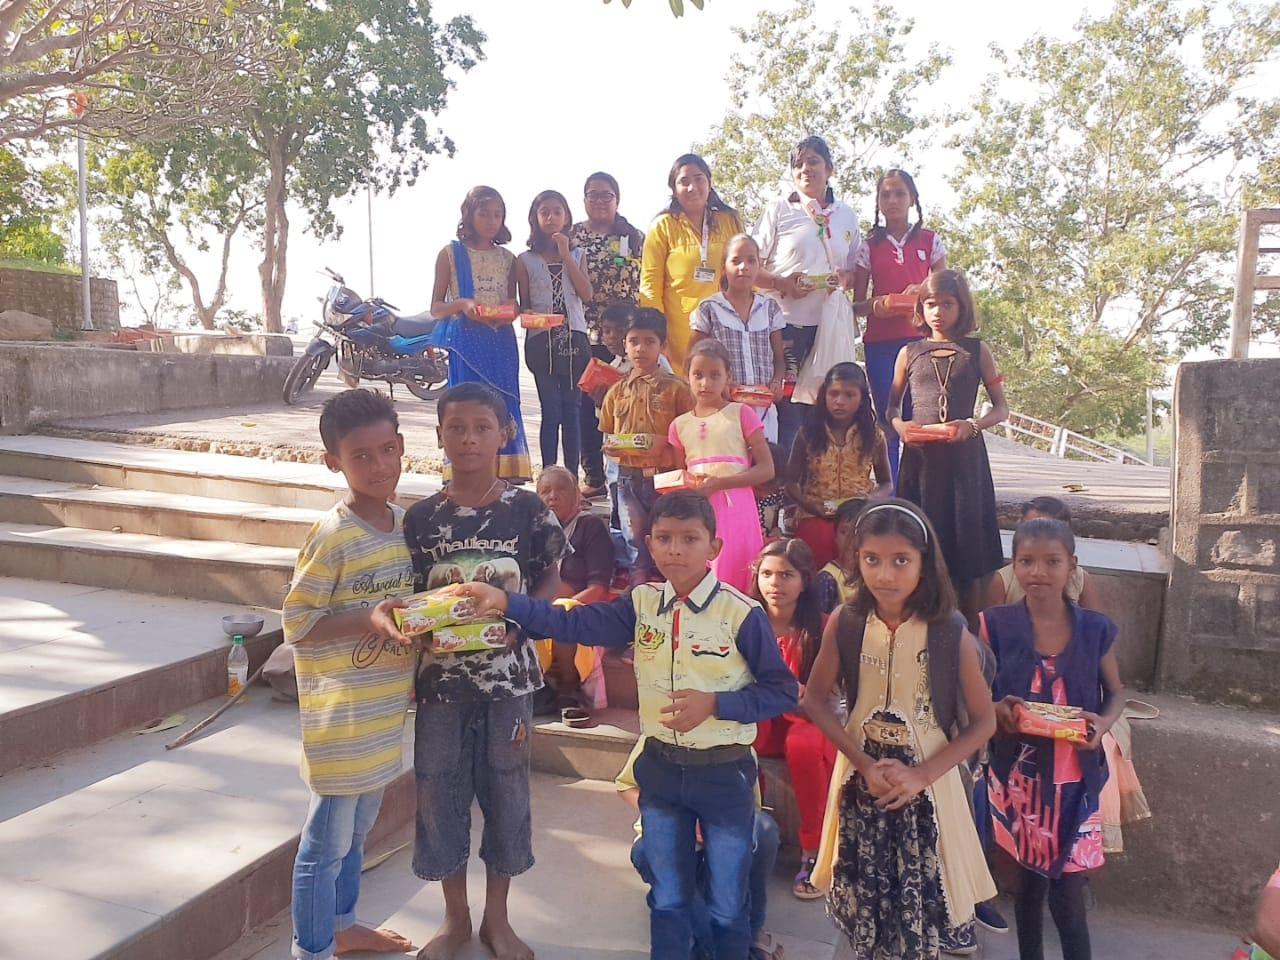 <p>आज फ़ूड डे के उपलक्ष्य में जगन्नाथ पुर मंदिर के परिसर में, हिनू हनुमान मंदिर और बिग बाजार के सामने सशक्त के बच्चों ने 200 गरीबों के बीच खाना का वितरण किया । ग़रीबो को पूरी सब्जी…